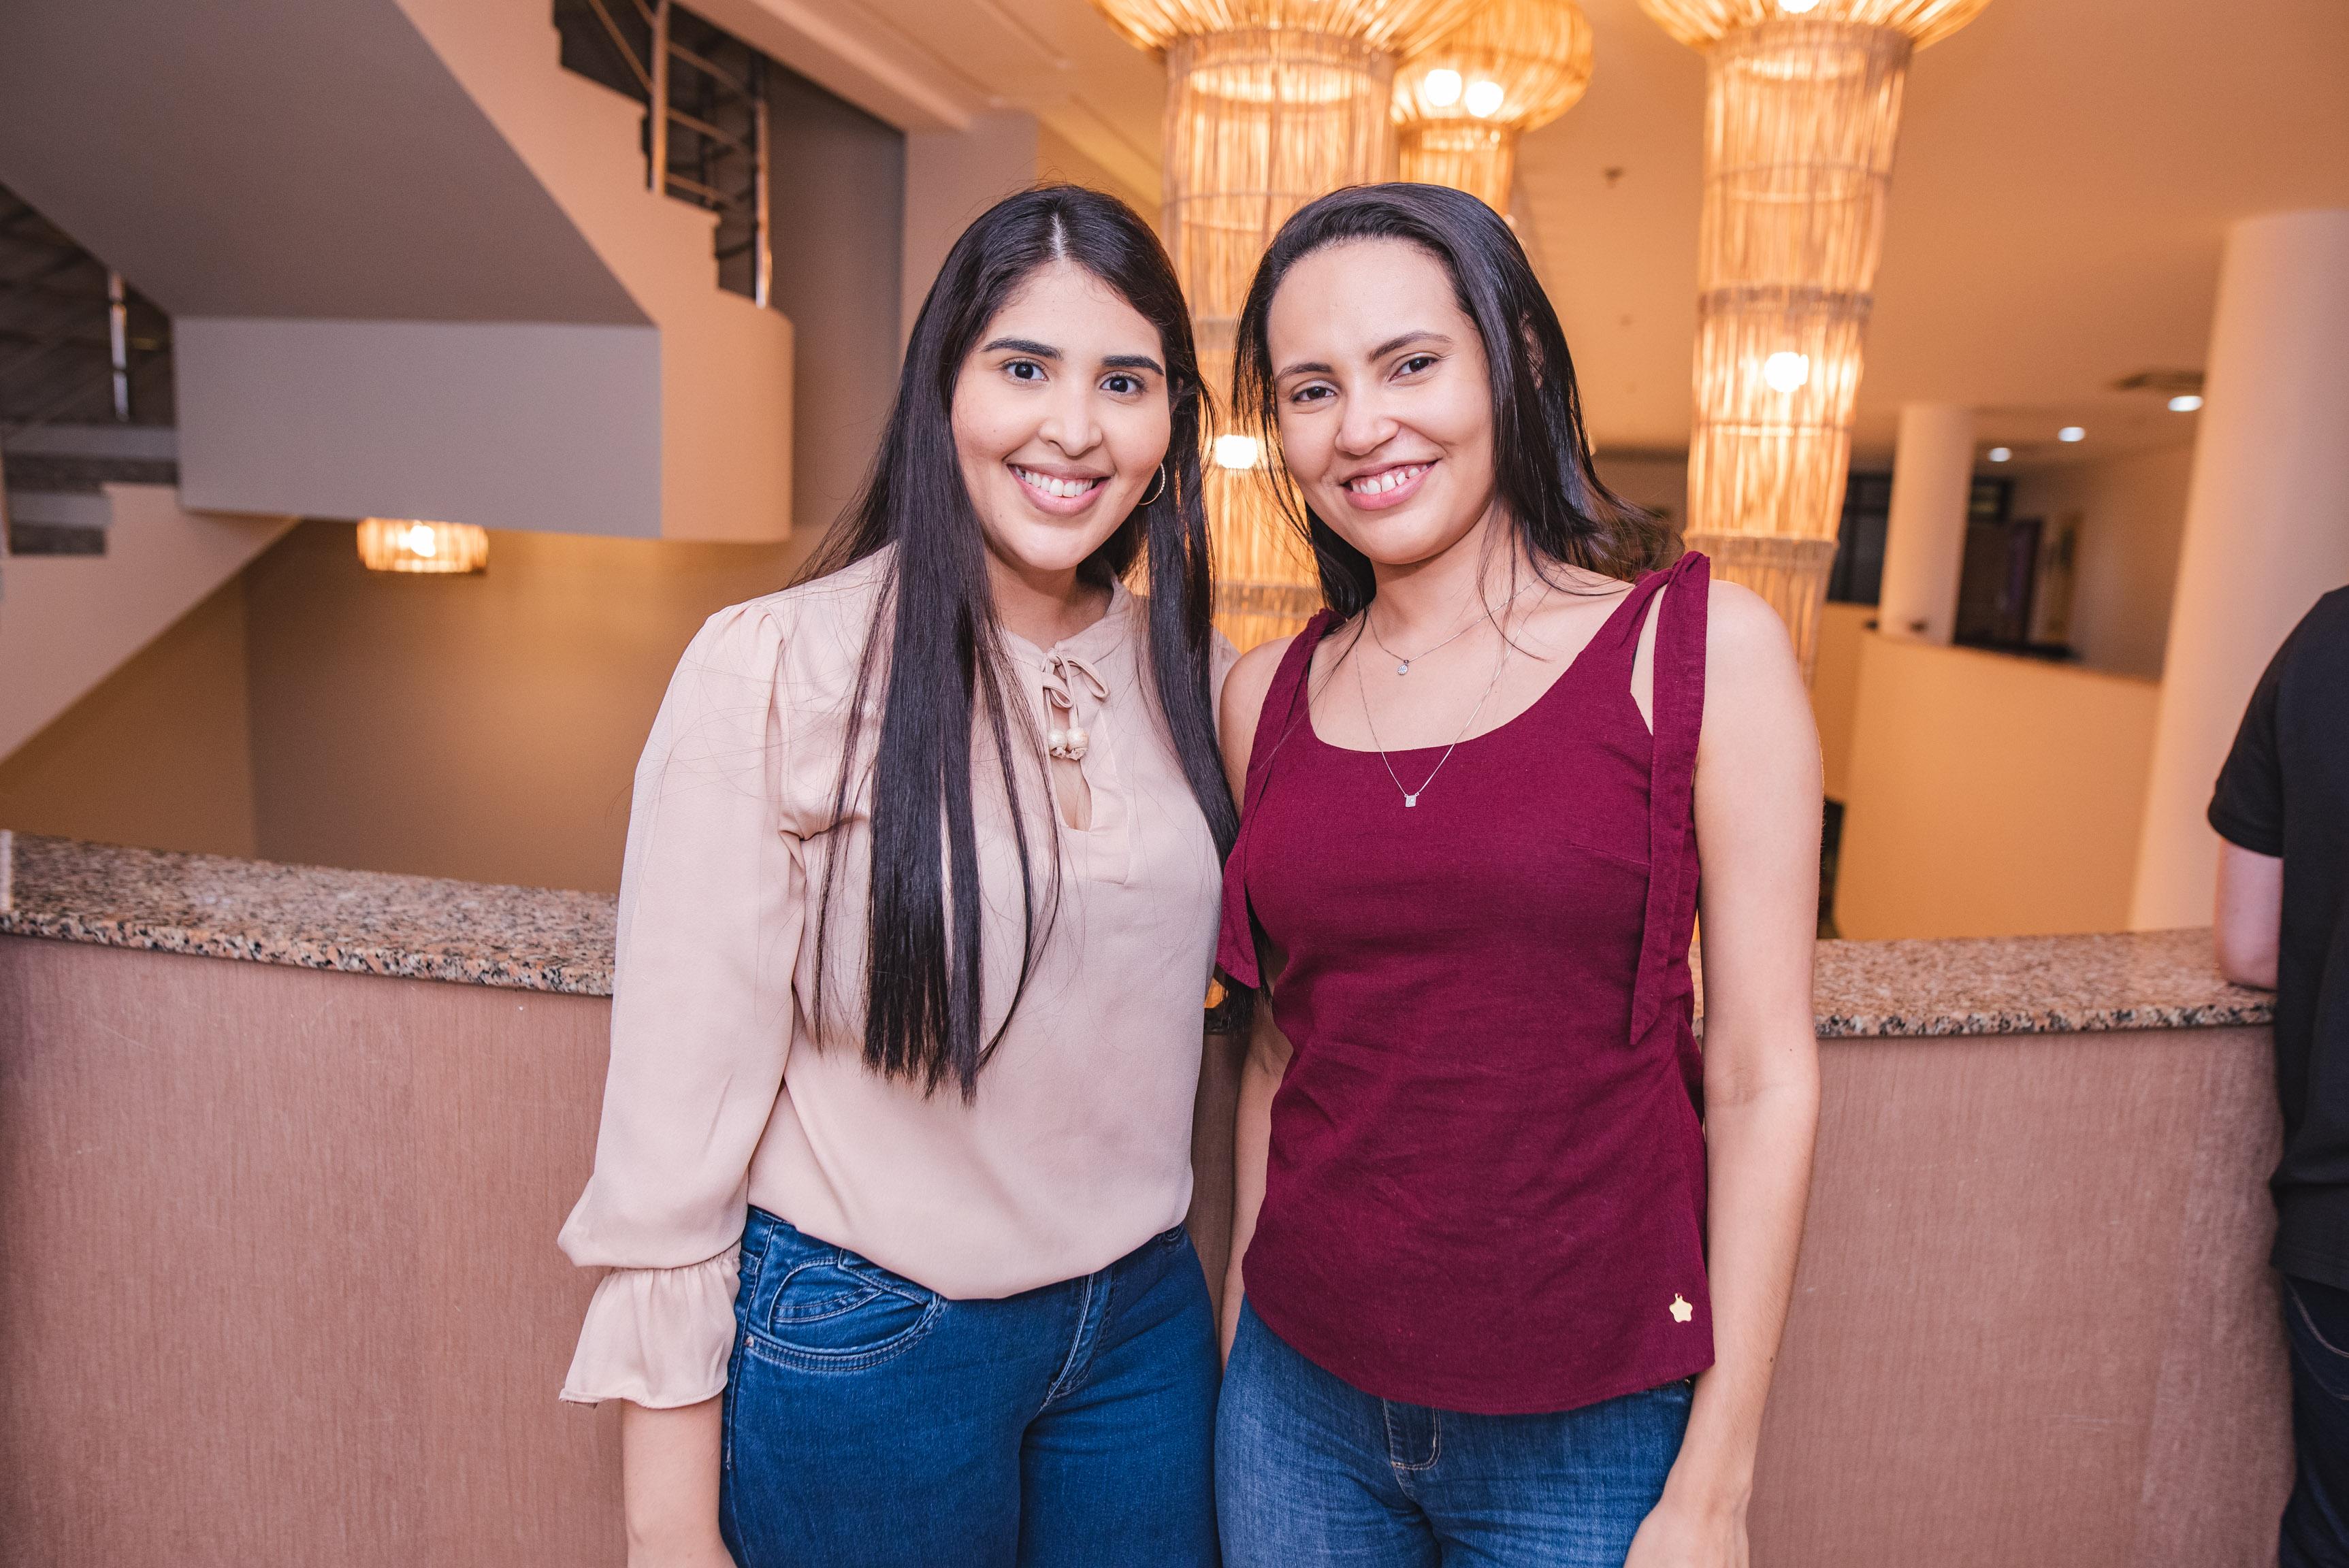 Anely Paixao E Sabrina Cunha